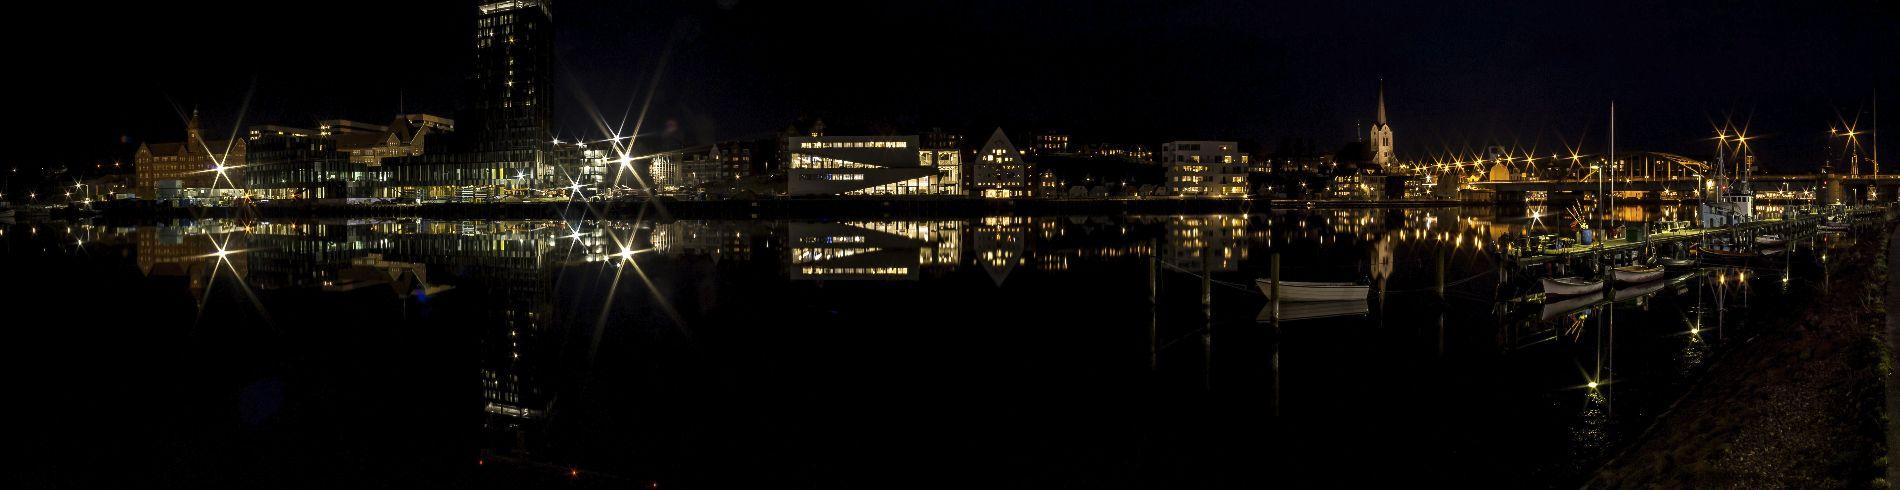 Billeder fra Sønderborg kommunes cover image